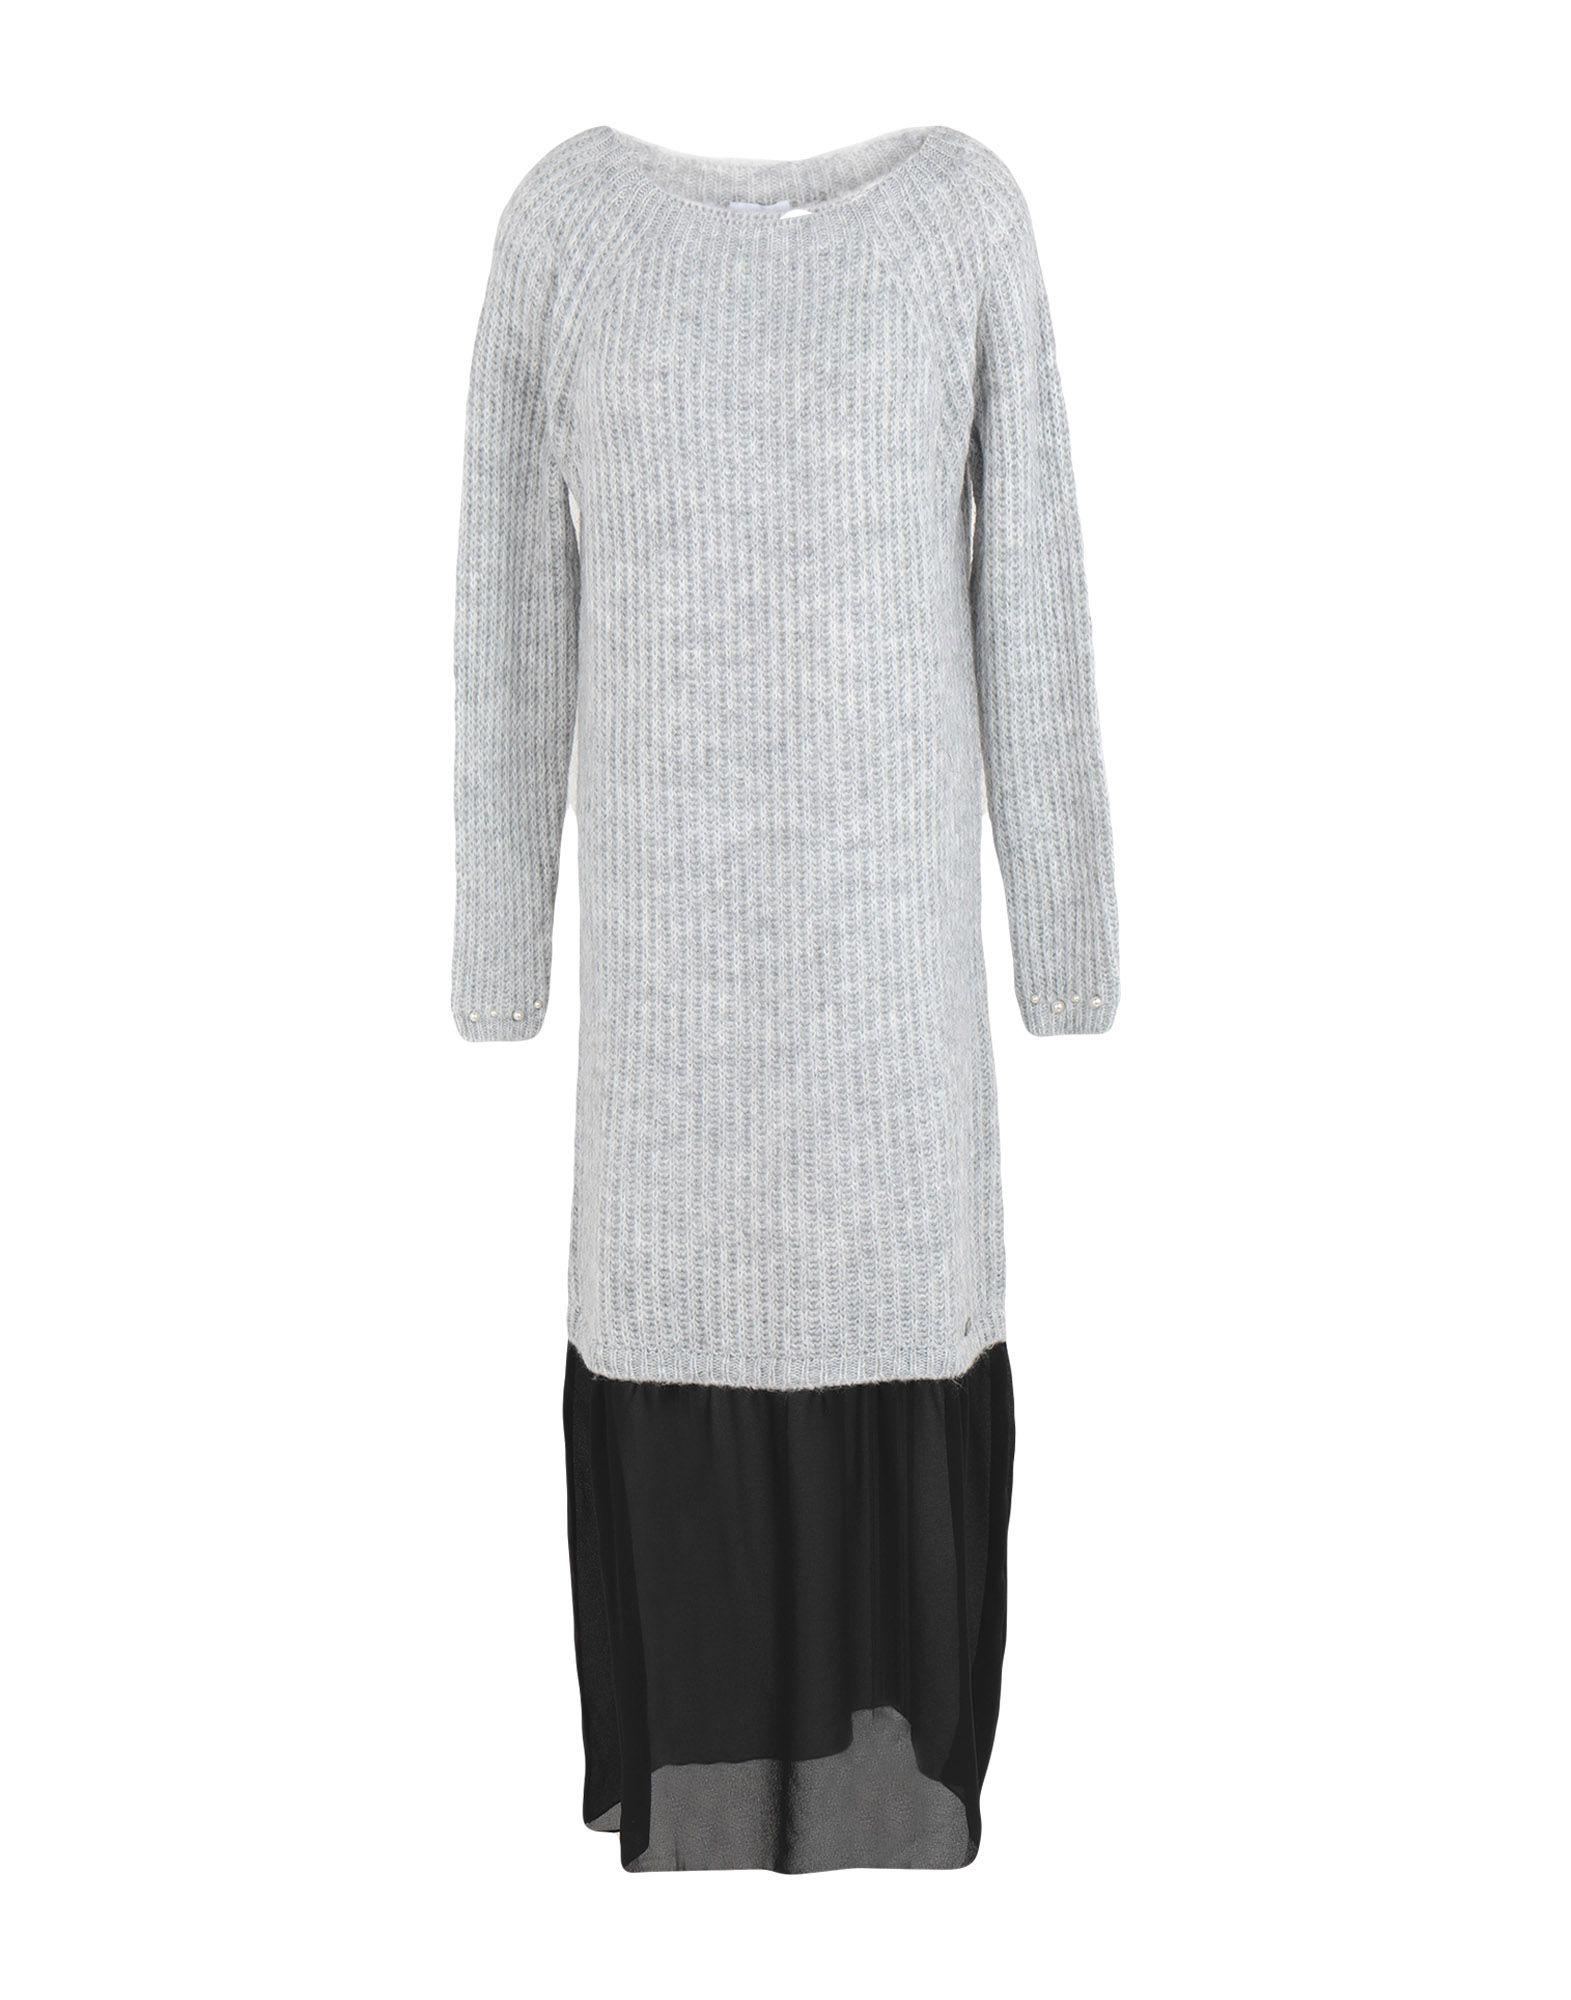 LFDL LA FABBRICA DELLA LANA Платье длиной 3/4